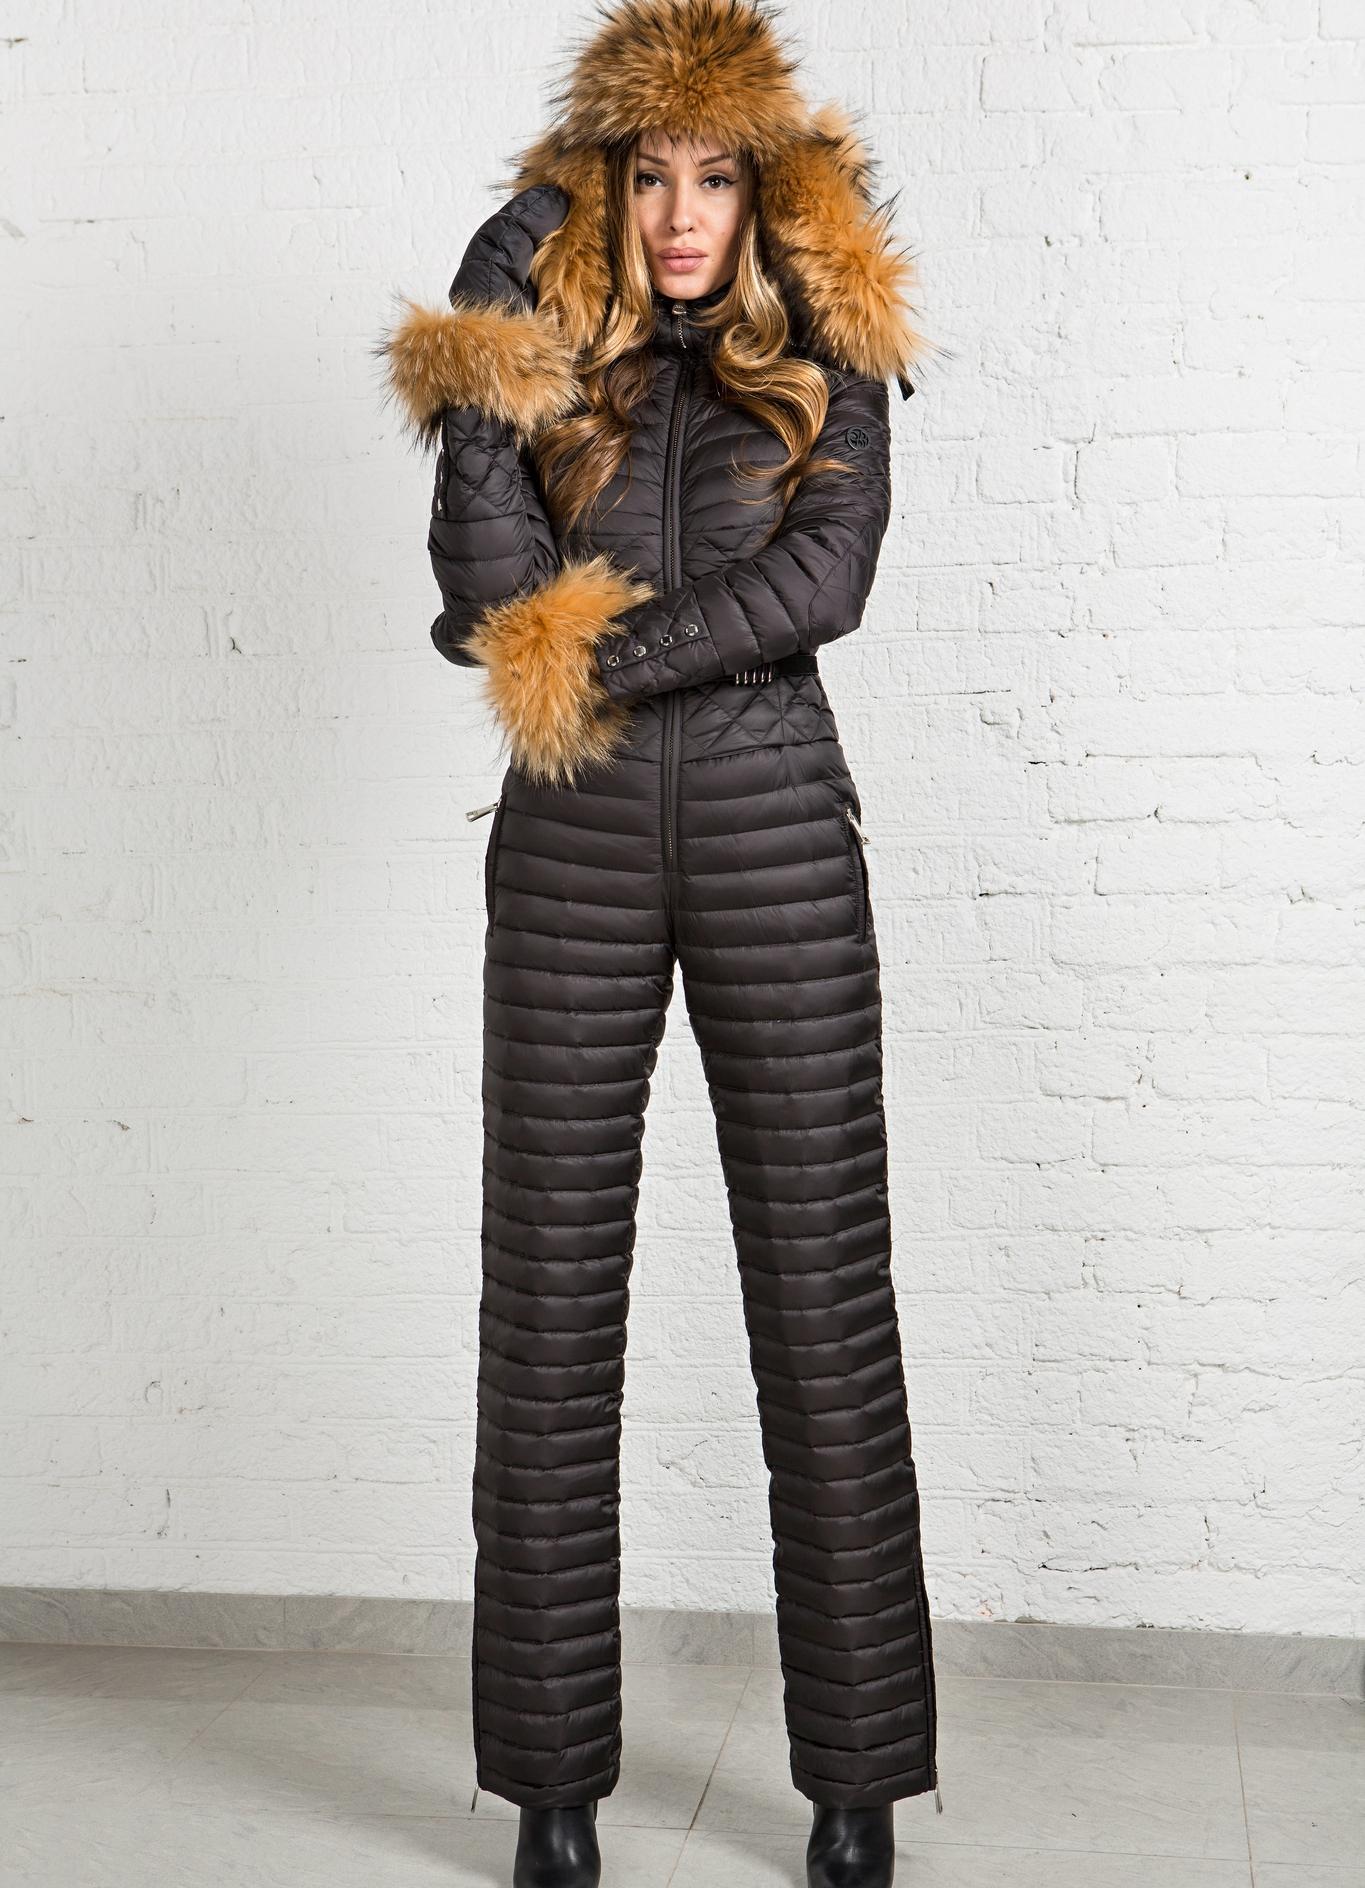 ba97b13b ... женский теплый зимний костюм для прогулок6